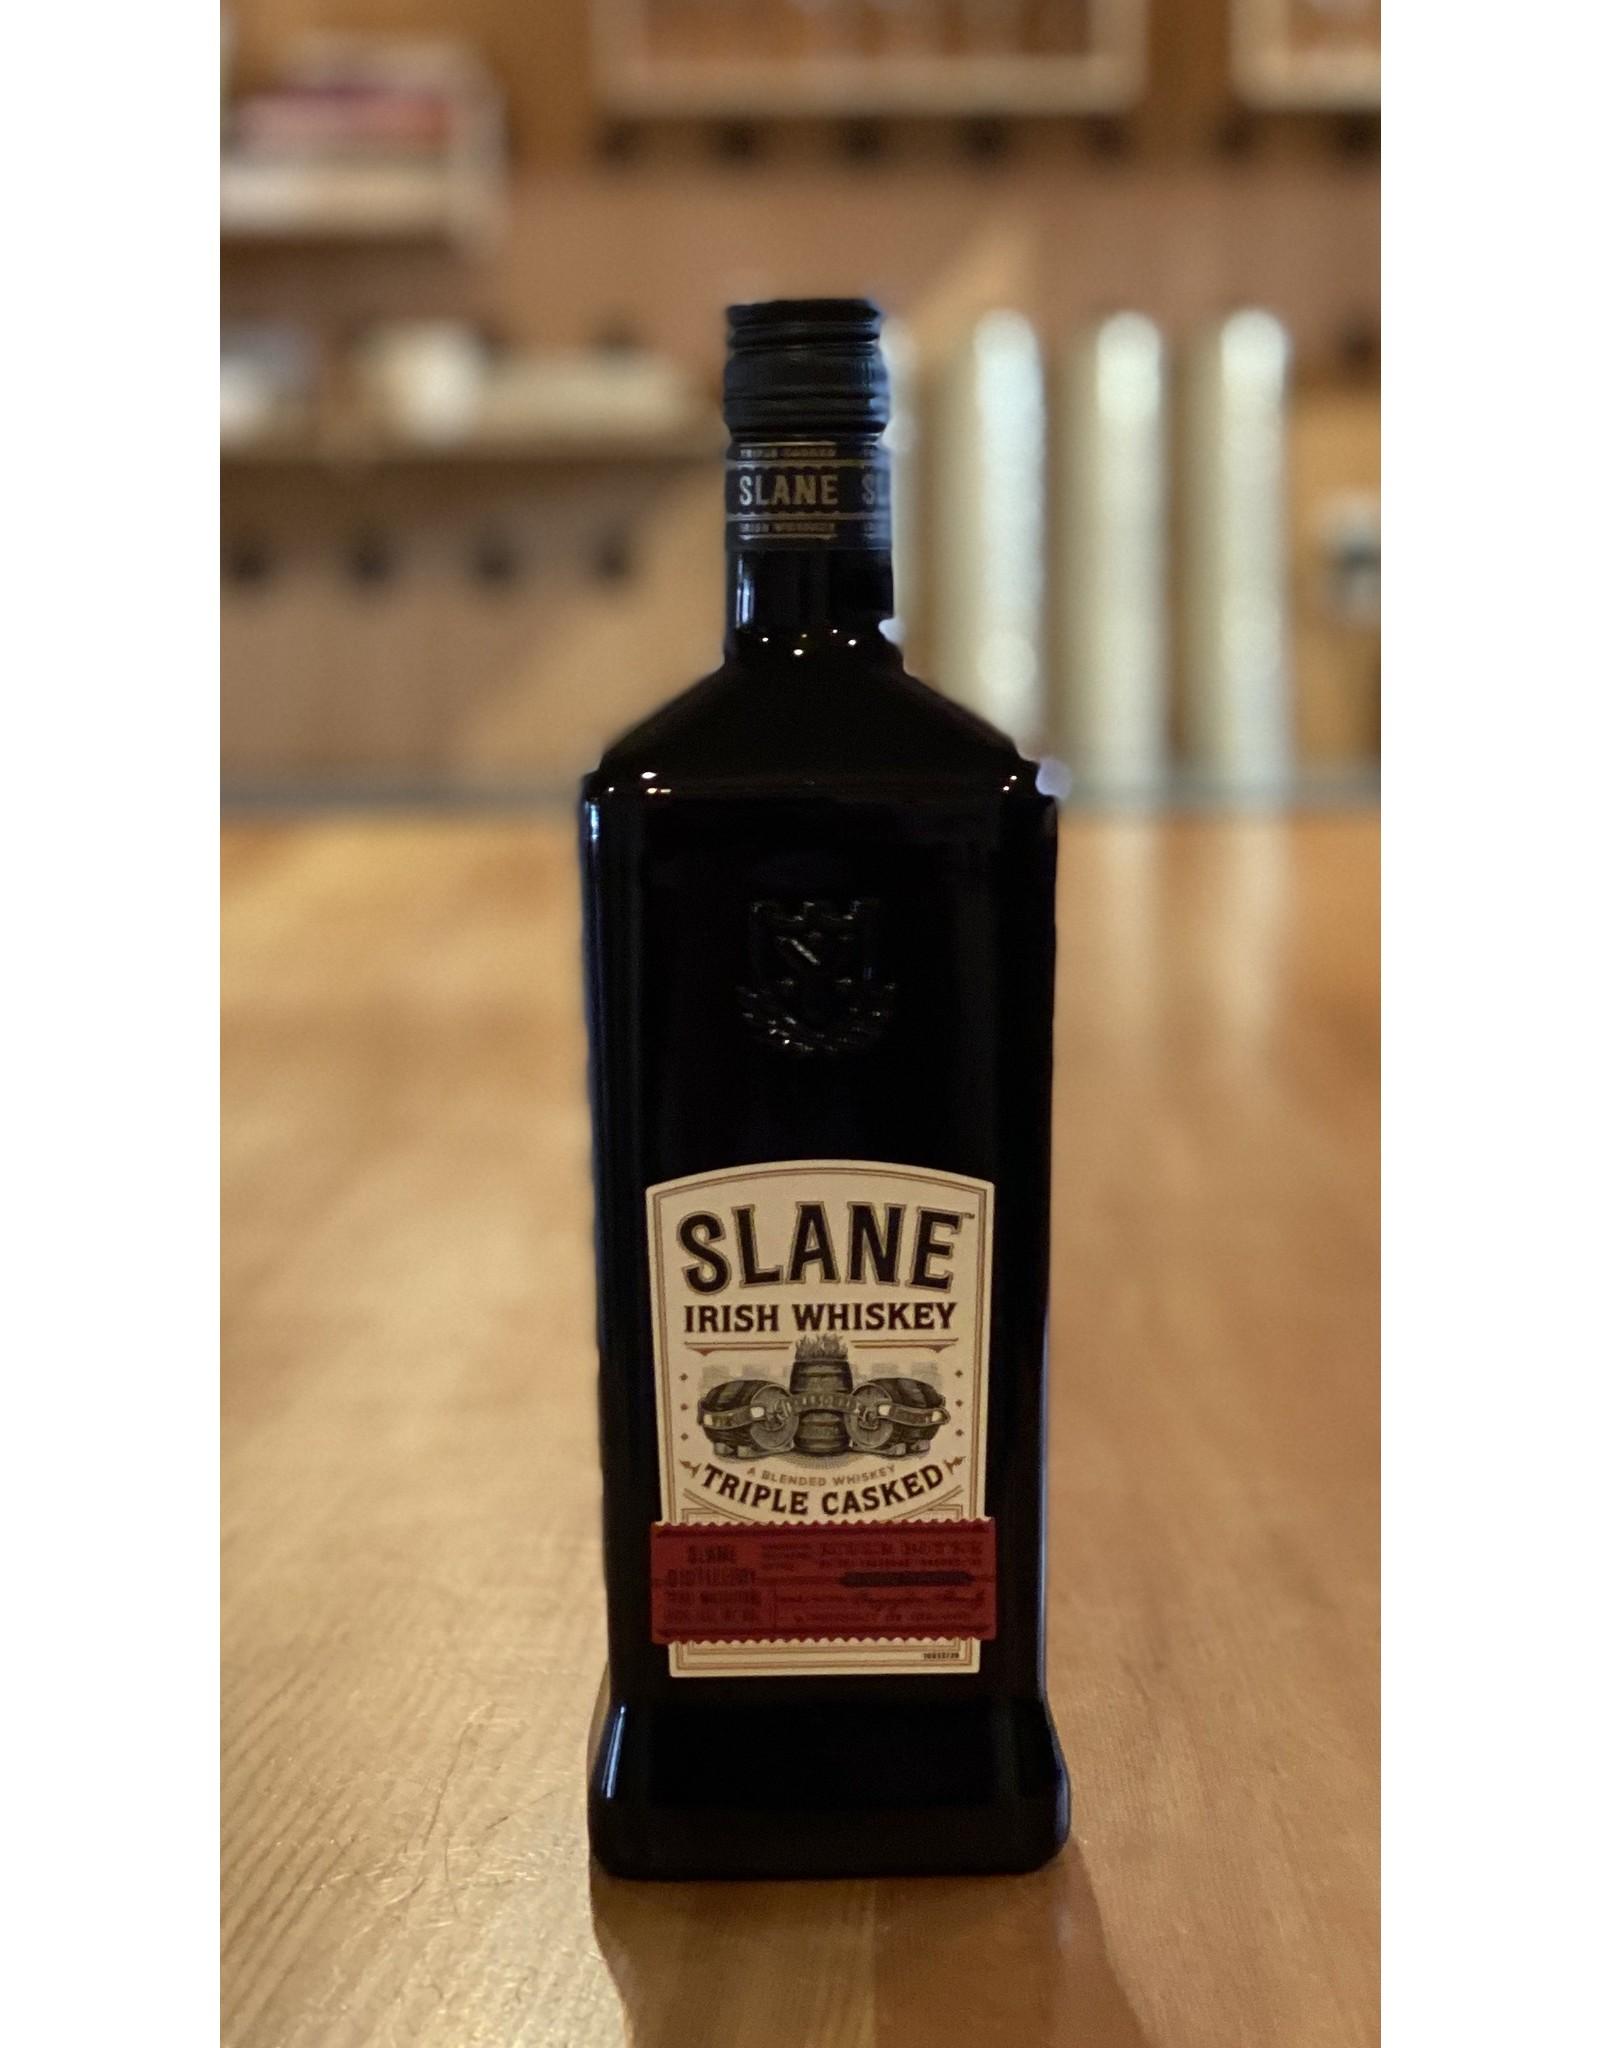 Irish Slane Triple Casked Irish Whiskey - Slane County, Ireland